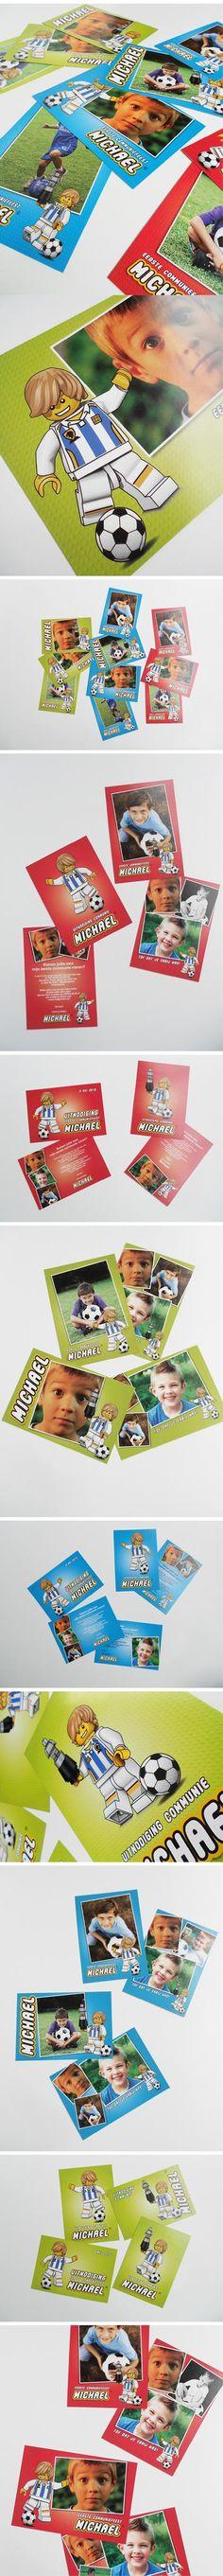 communiekaartjes, stijl Lego met voetballers